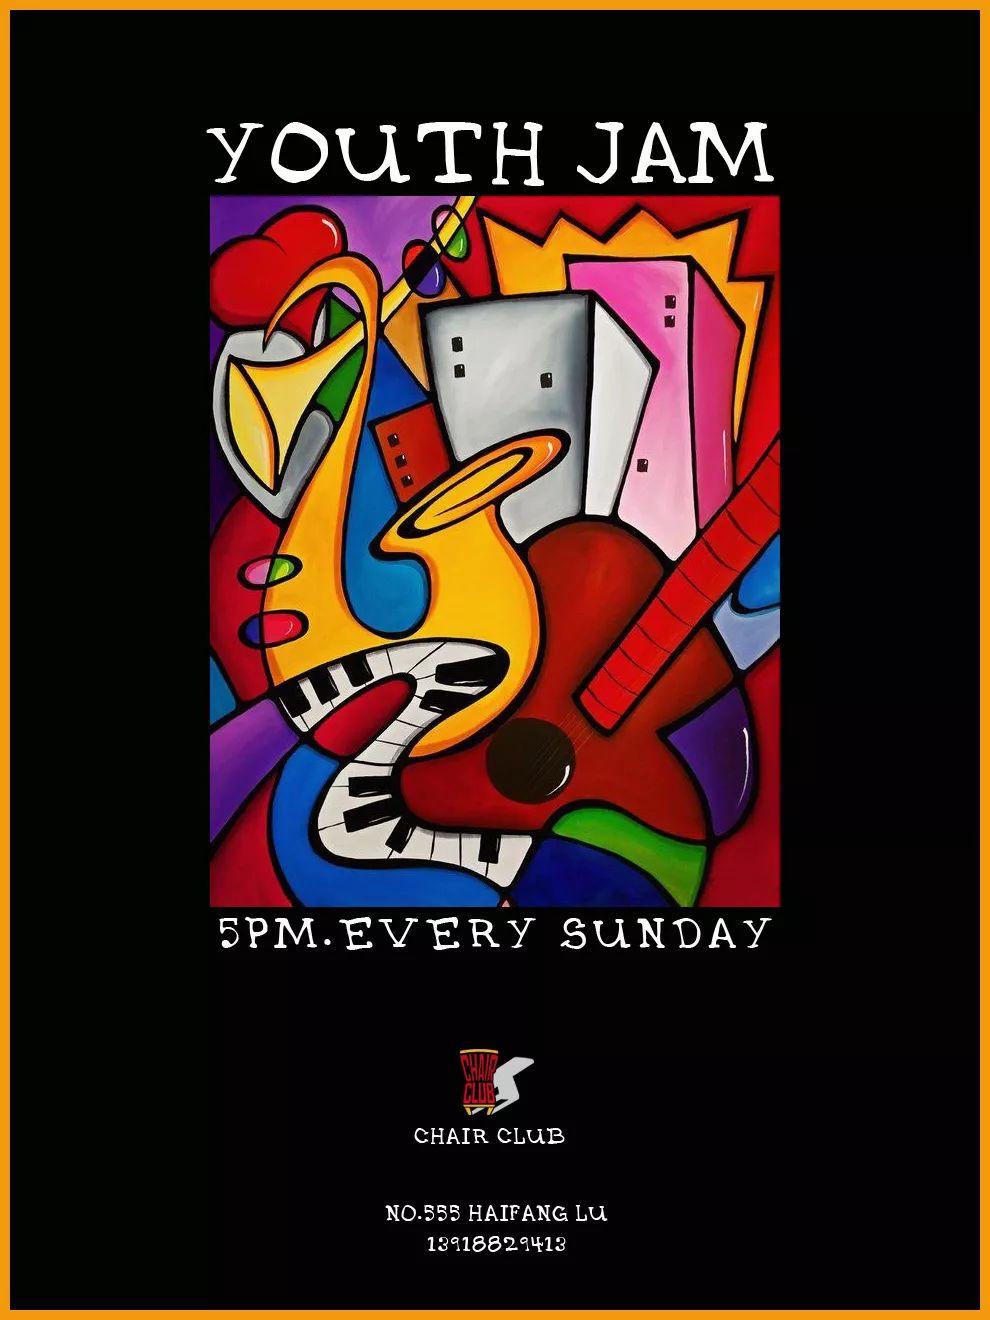 _每周日下午五点,孩子们的音乐世界 - ChairClub 之 Youth Jam